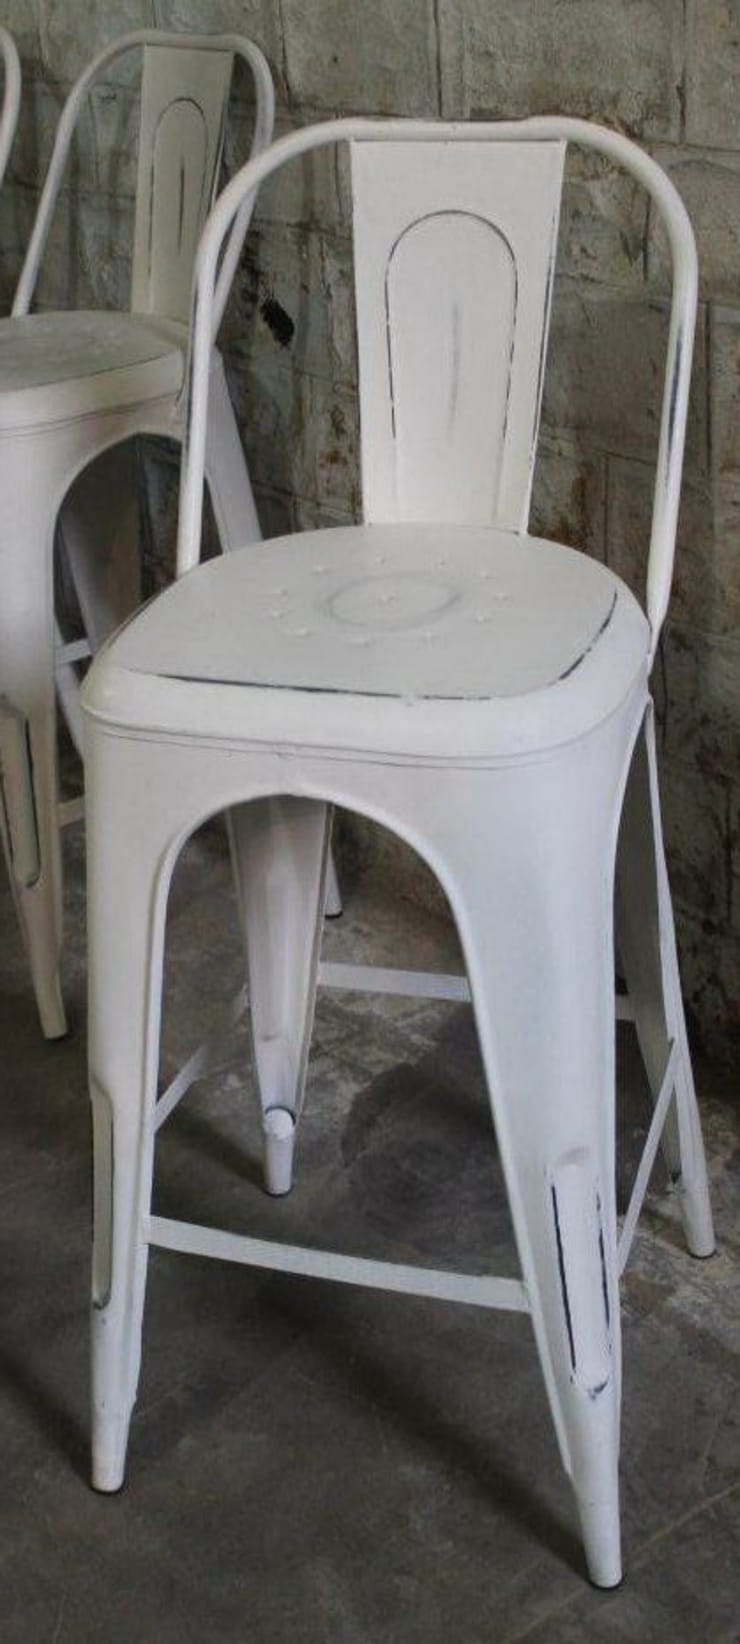 Weißer Küchenbarhocker aus Metall:  Küche von Guru-Shop,